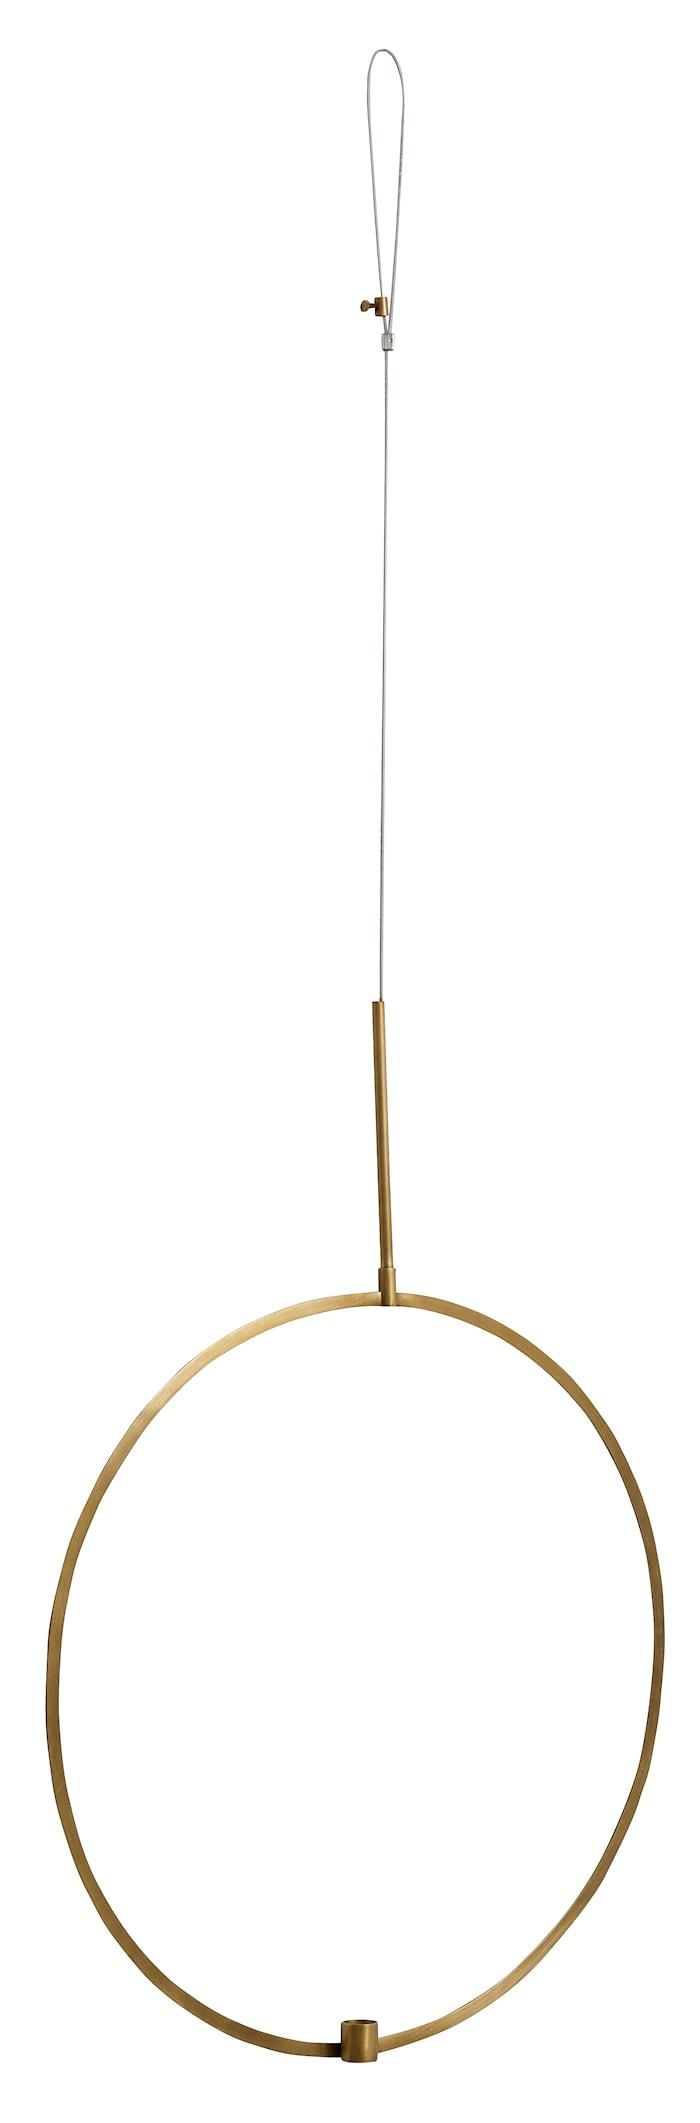 lysestake sirkel til oppheng Ø 52 cm - messing